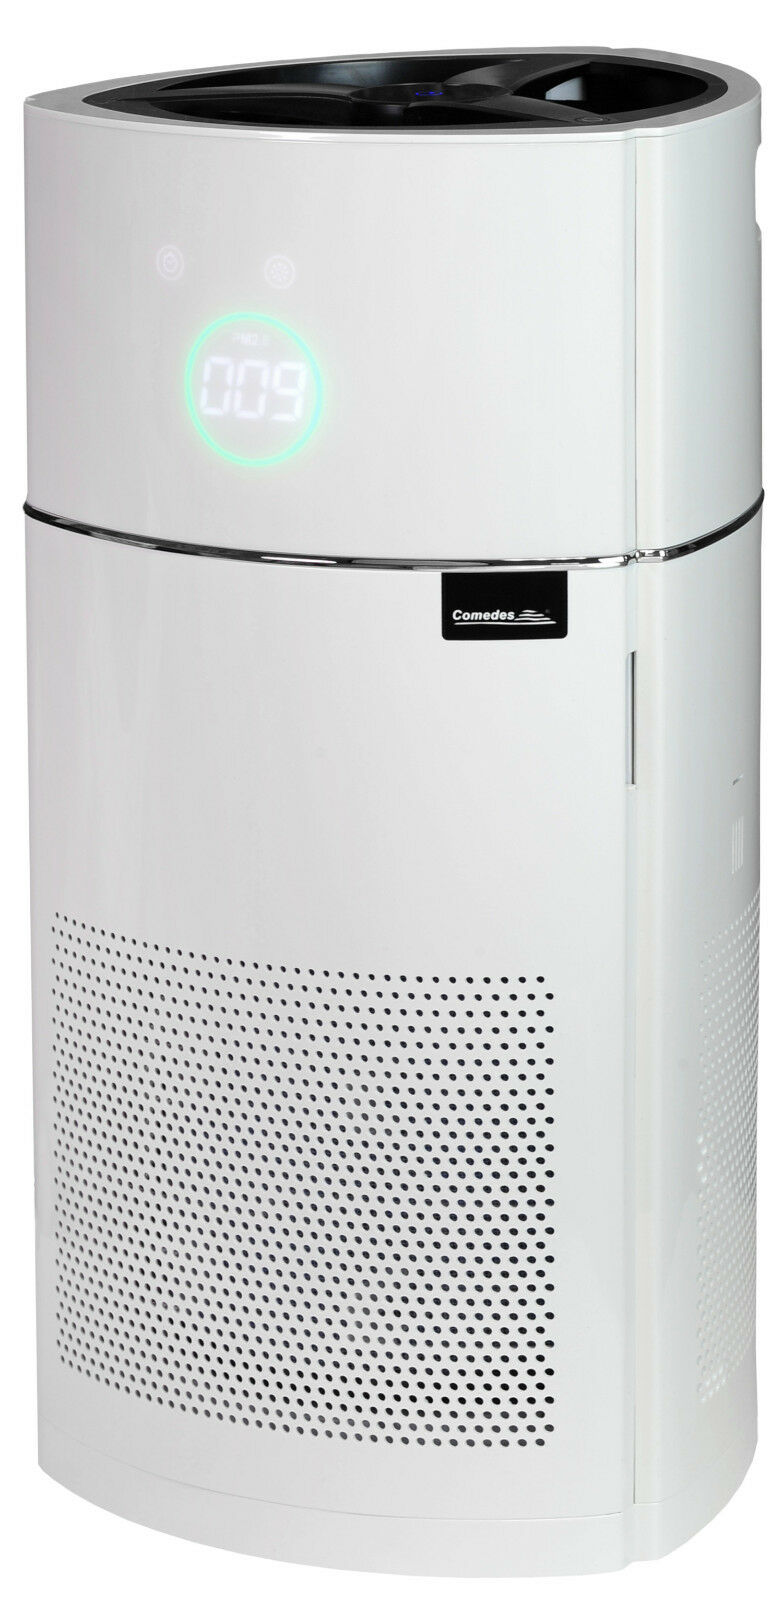 Luftreiniger, Rauchverzehrer, HEPA-Filtermedium, Comedes Lavaero 900